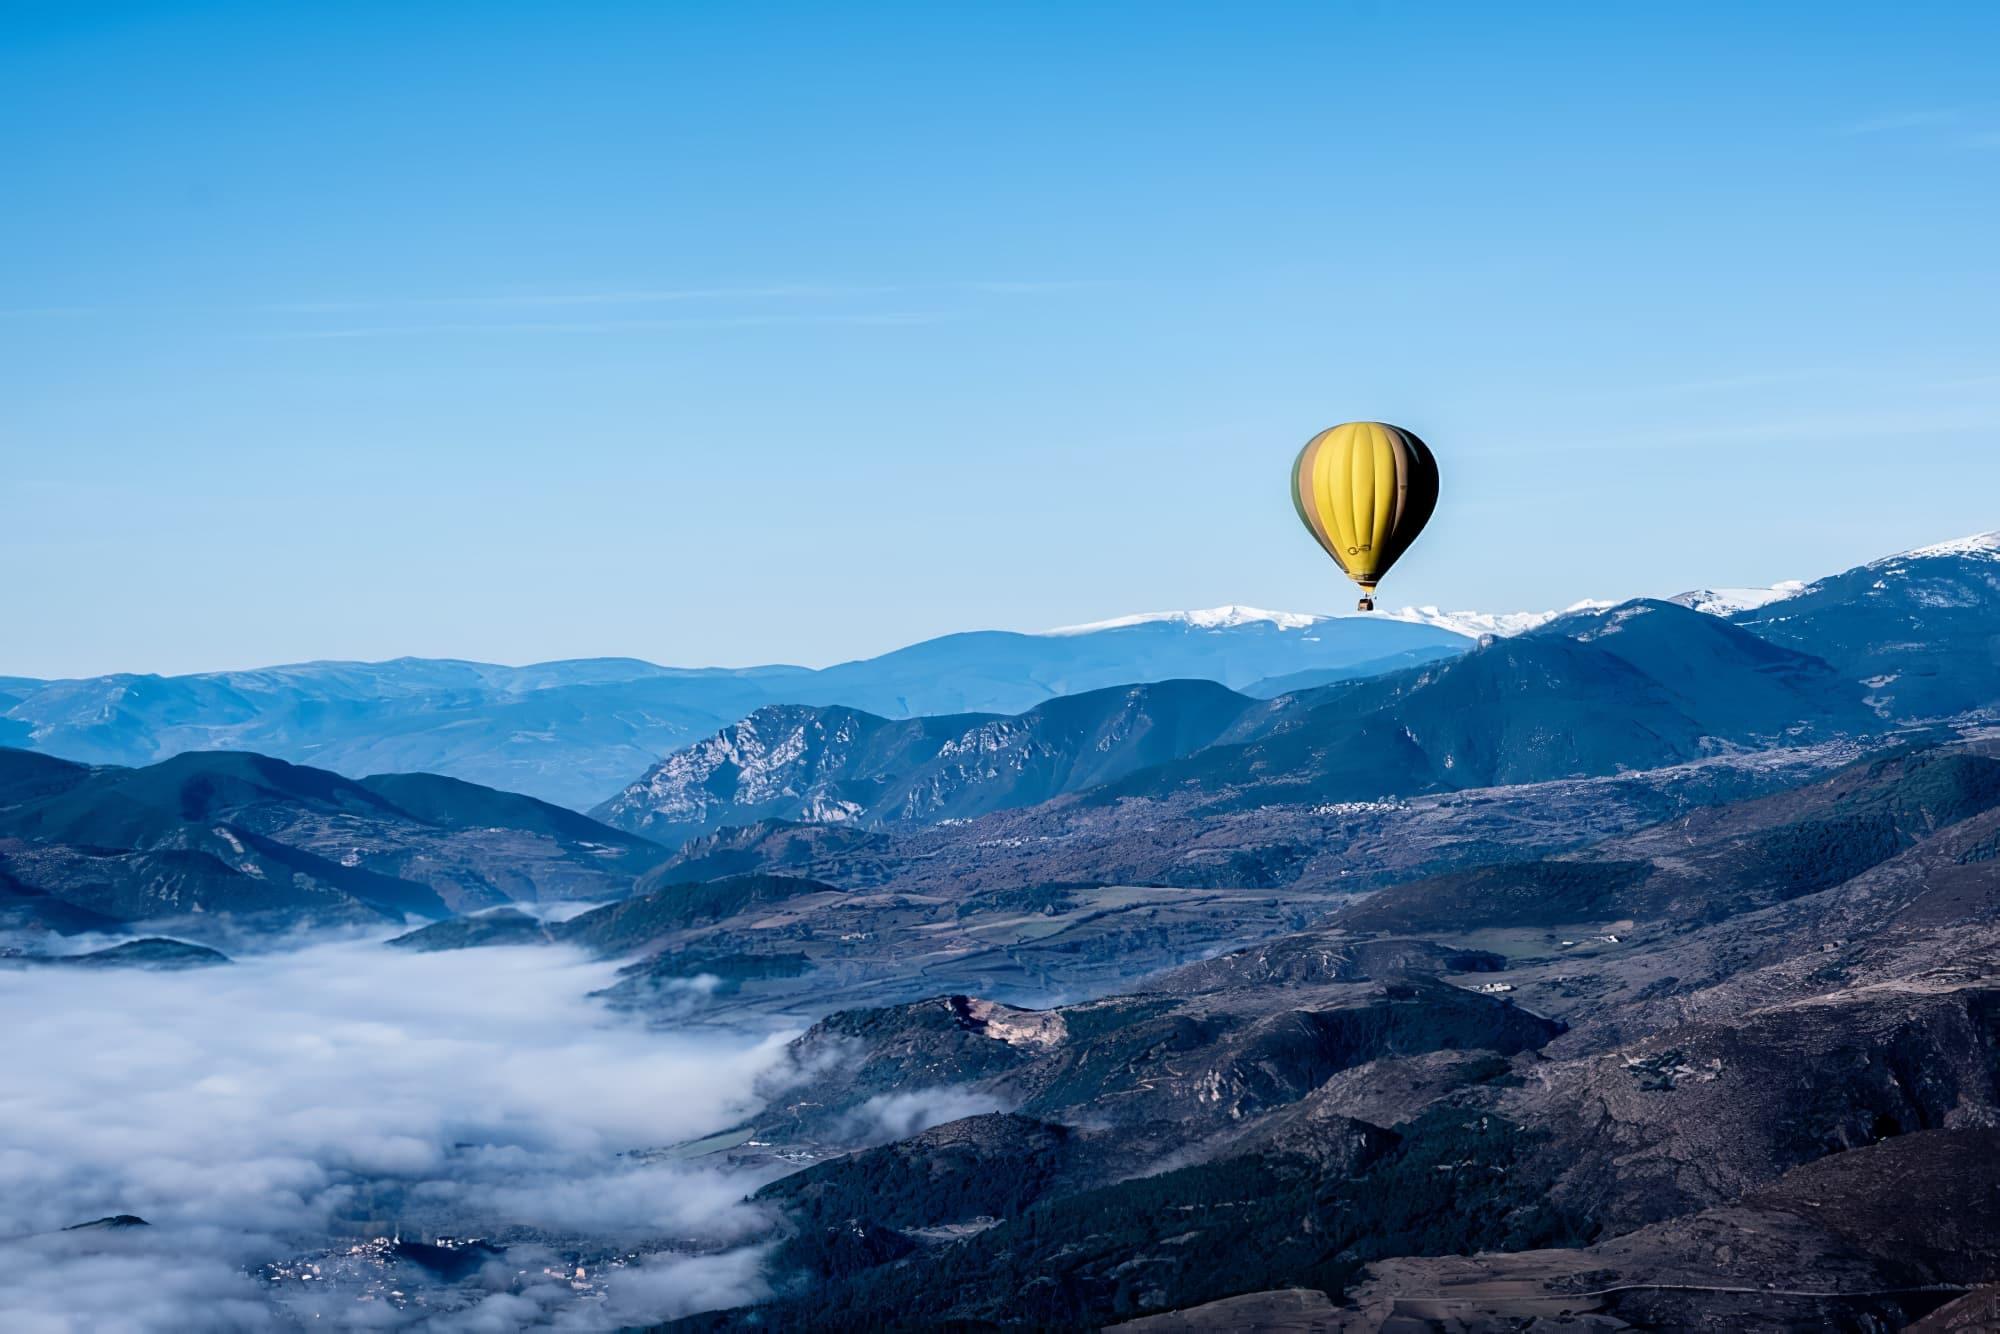 montgolfière week-end insolite en amoureux dans les Pyrénées